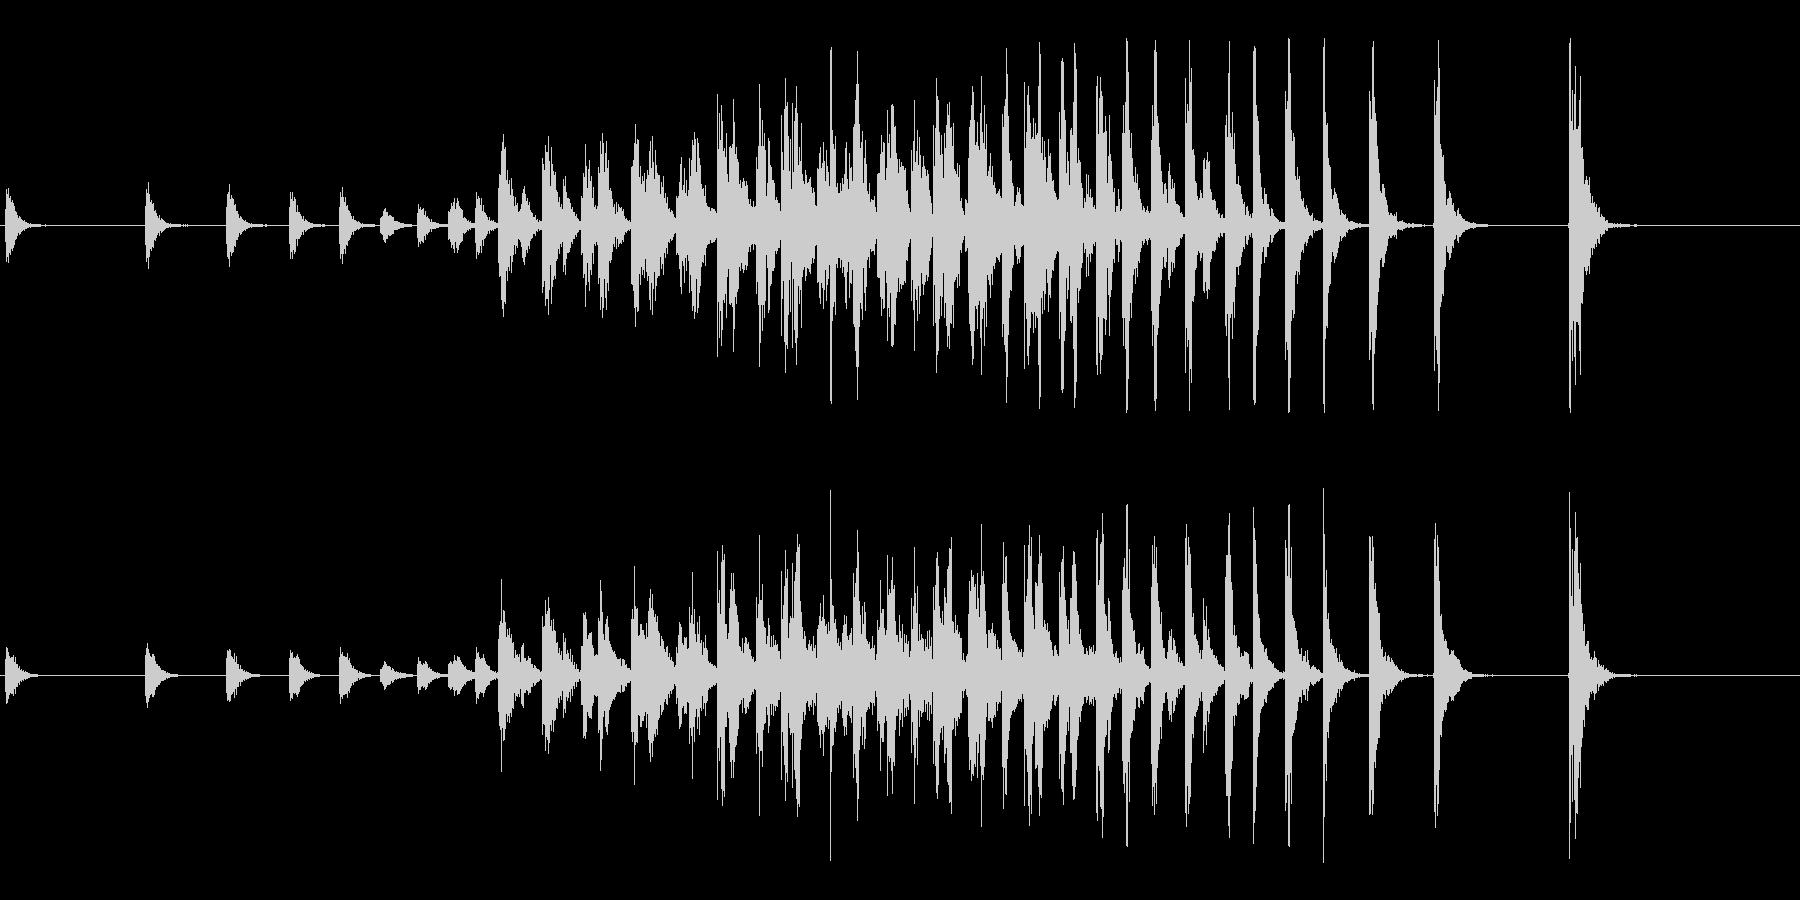 和太鼓によるオープニング等に最適な連打音の未再生の波形